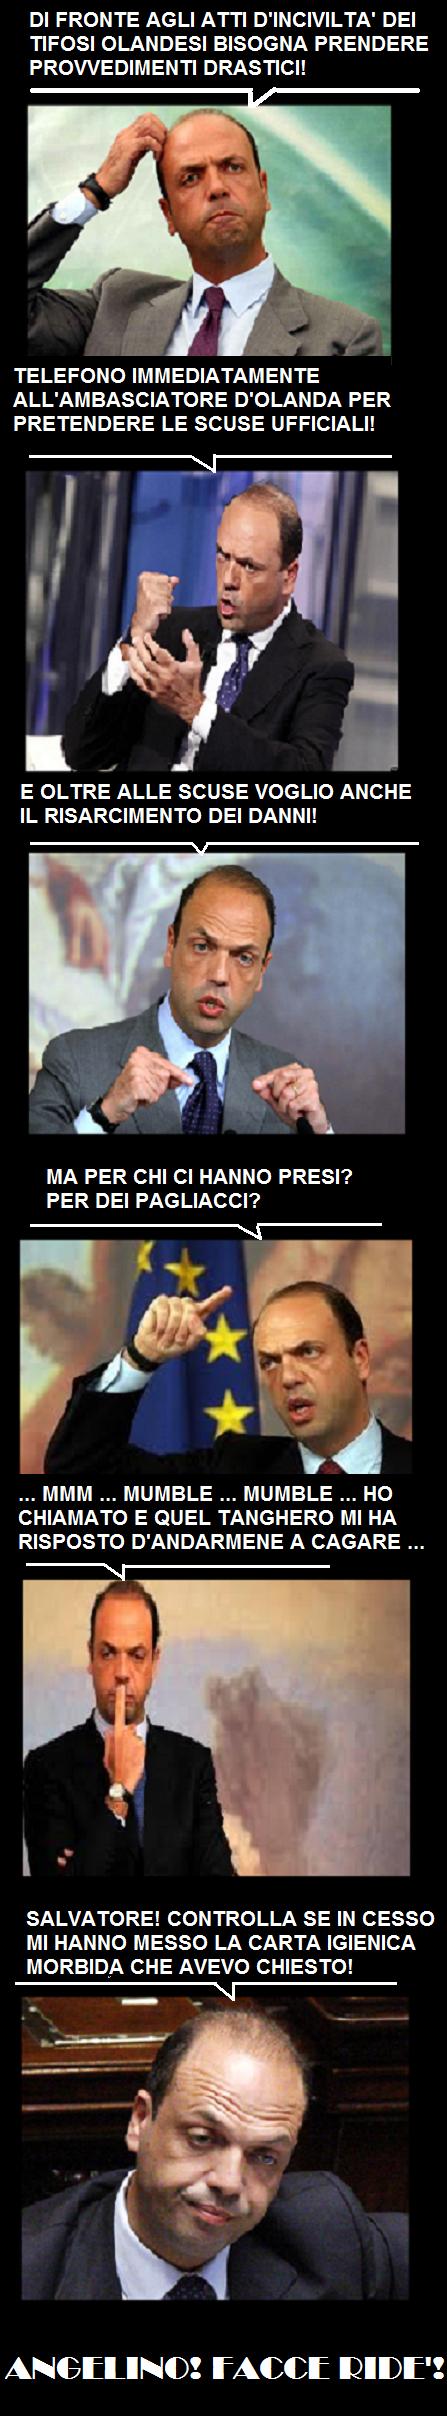 ALFANO E GLI HOOLIGANS